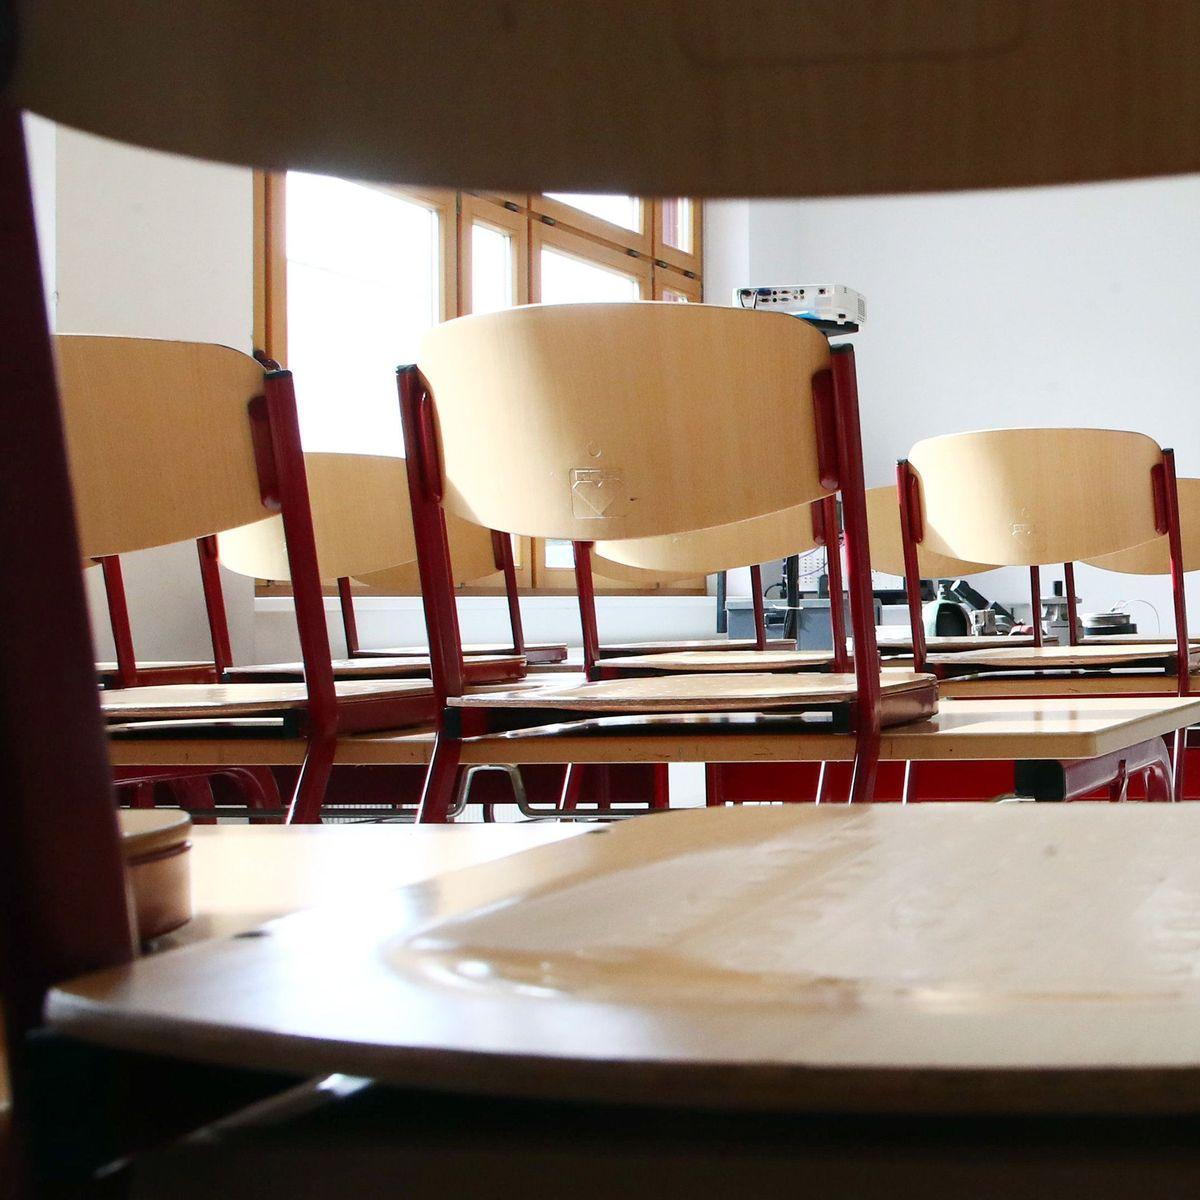 Urteil zu Fehltagen: Berufsschüler darf nach häufigem Schwänzen kein Schüler mehr sein